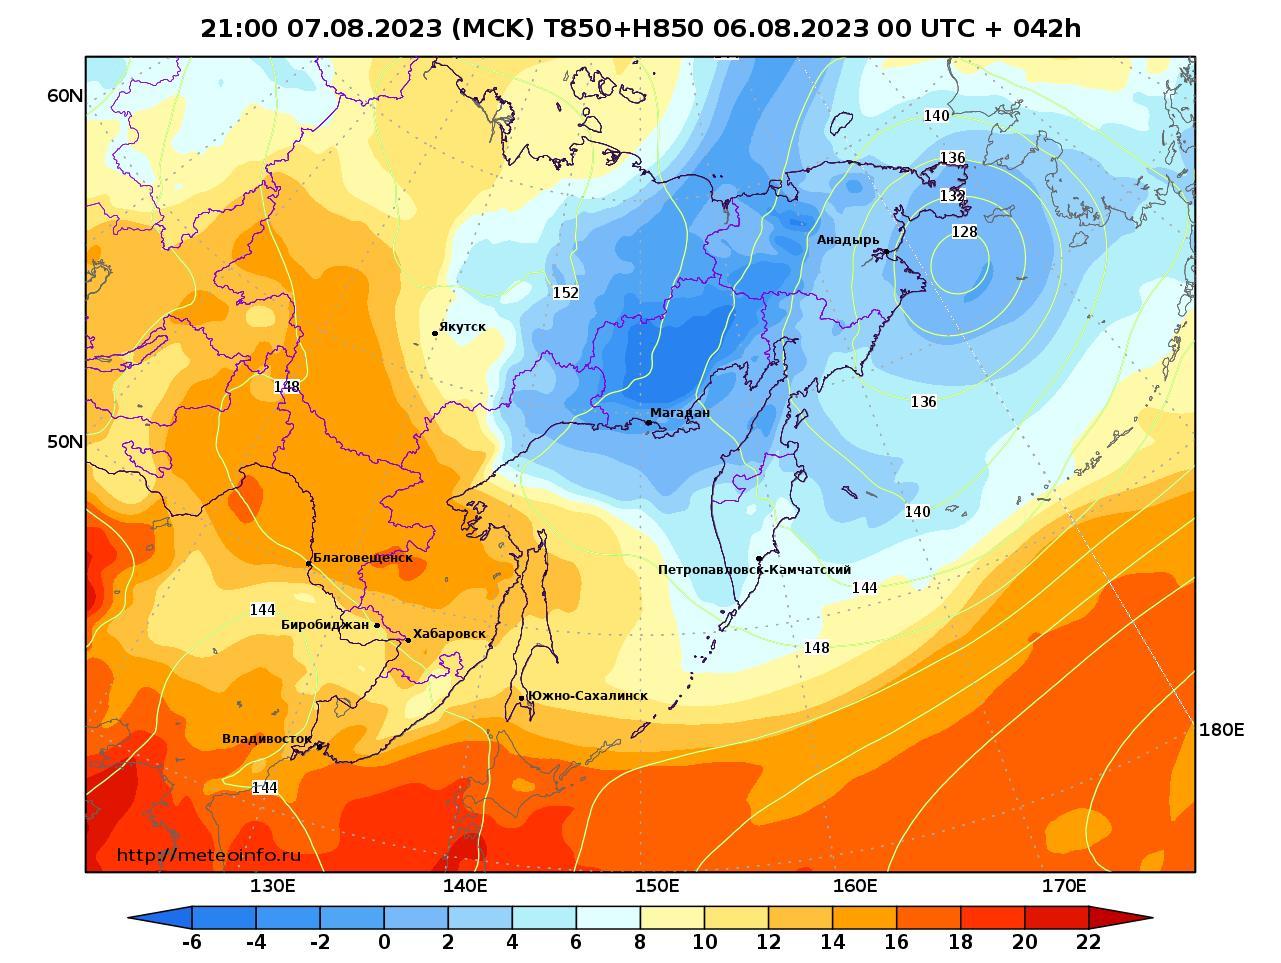 Дальний Восток, прогностическая карта температура T850 и геопотенциал H850, заблаговременность прогноза 42 часа